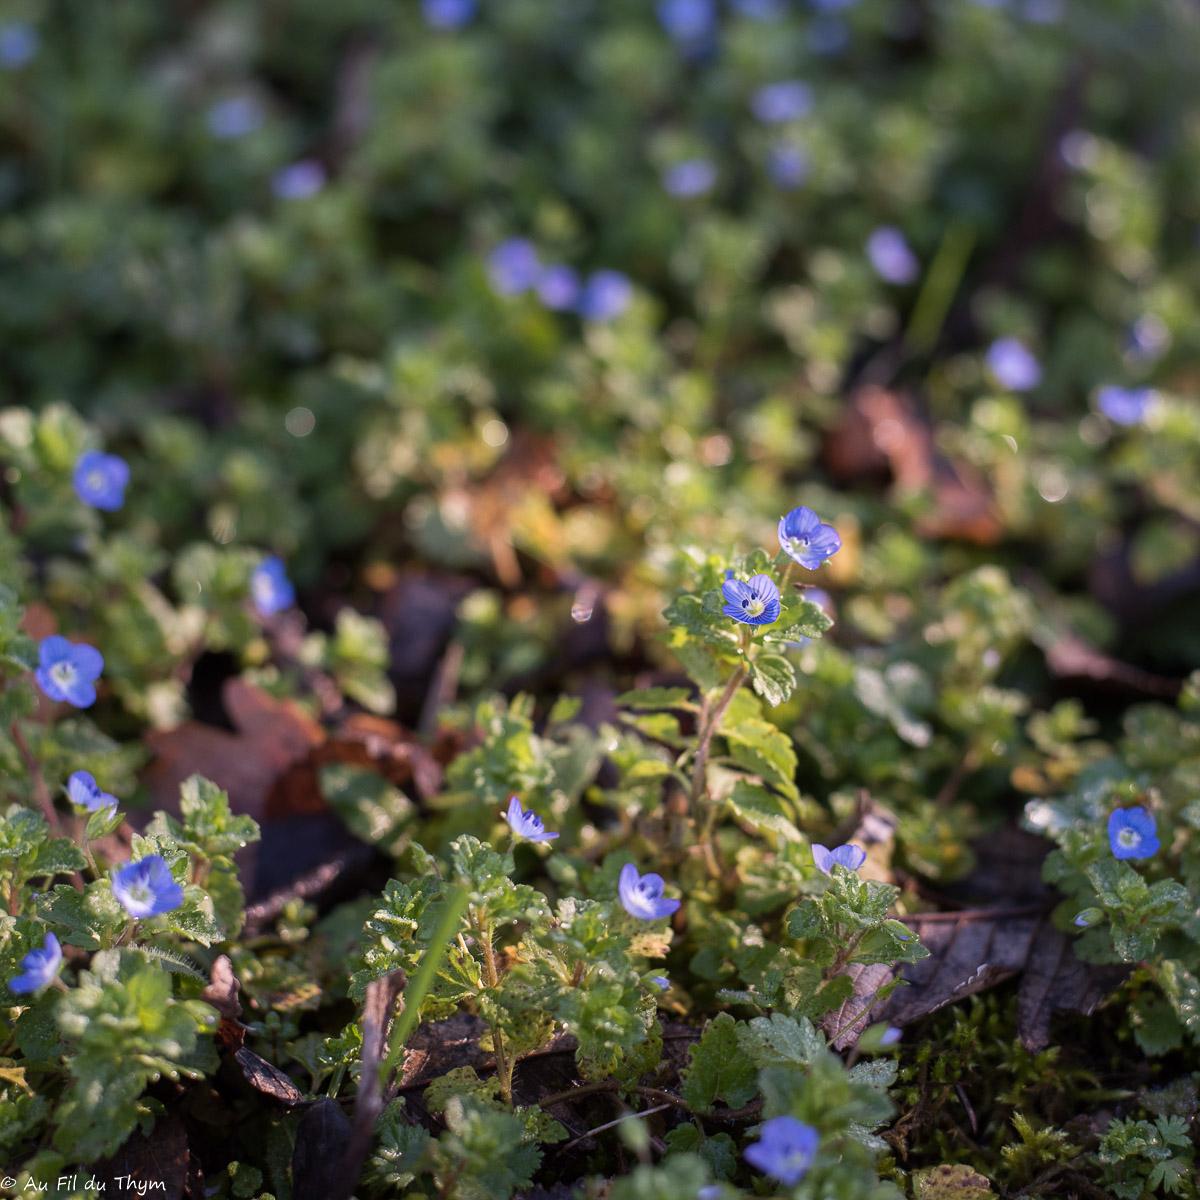 balade botanique février : Véronique de perse